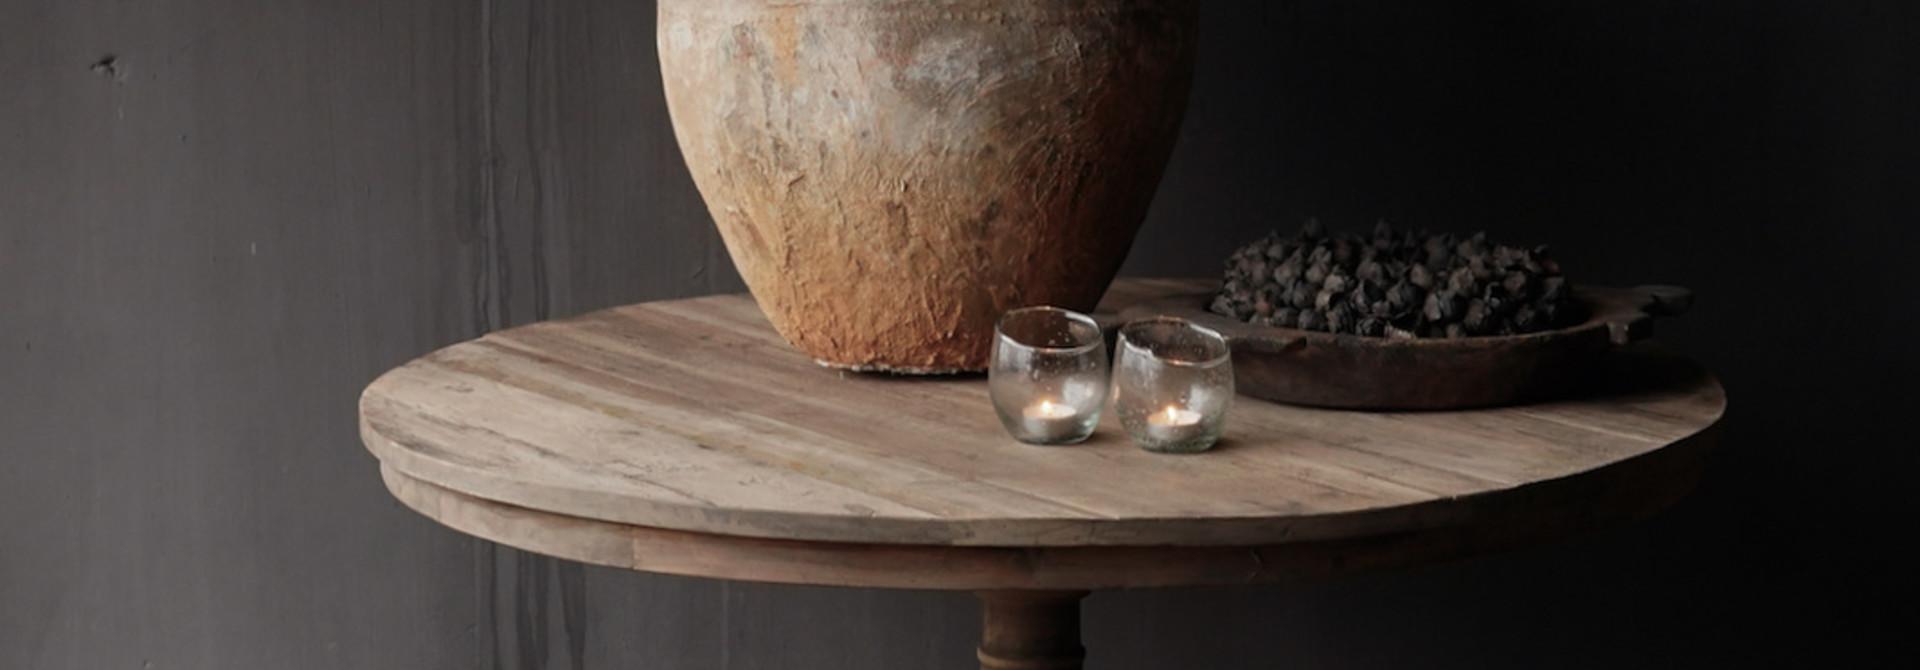 Cooler runder Tisch aus altem gebrauchtem Holz - Kopie